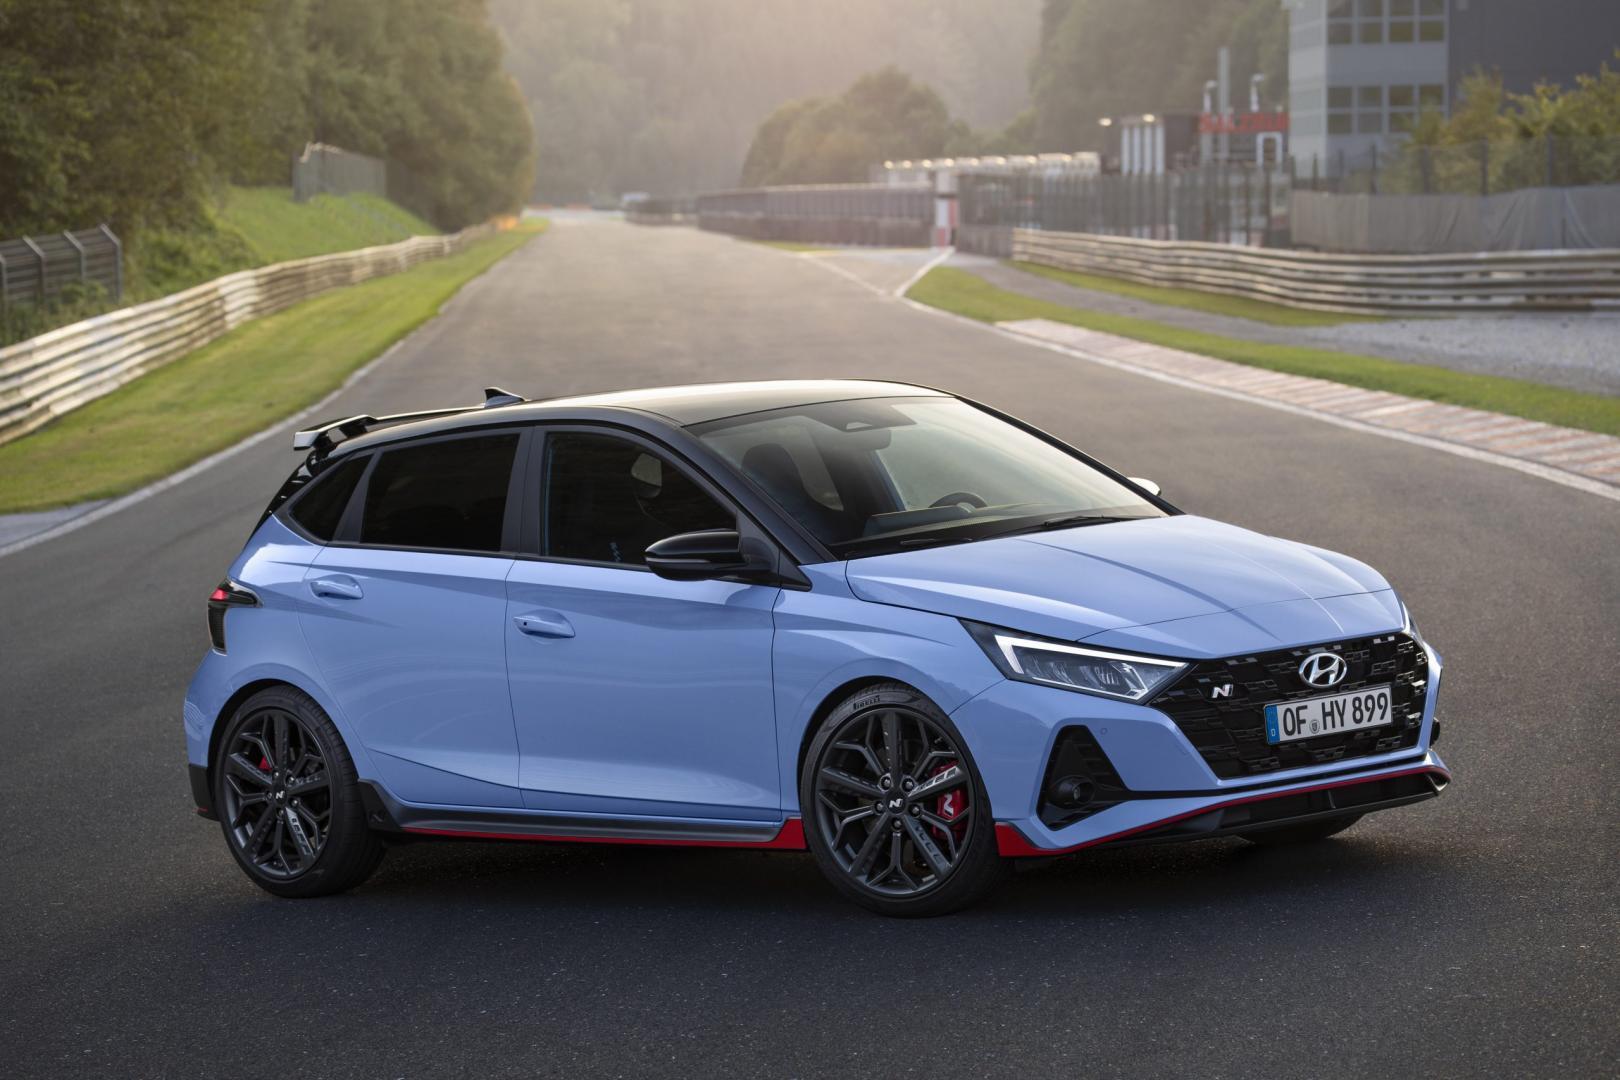 zijkant Hyundai i20 n 2020